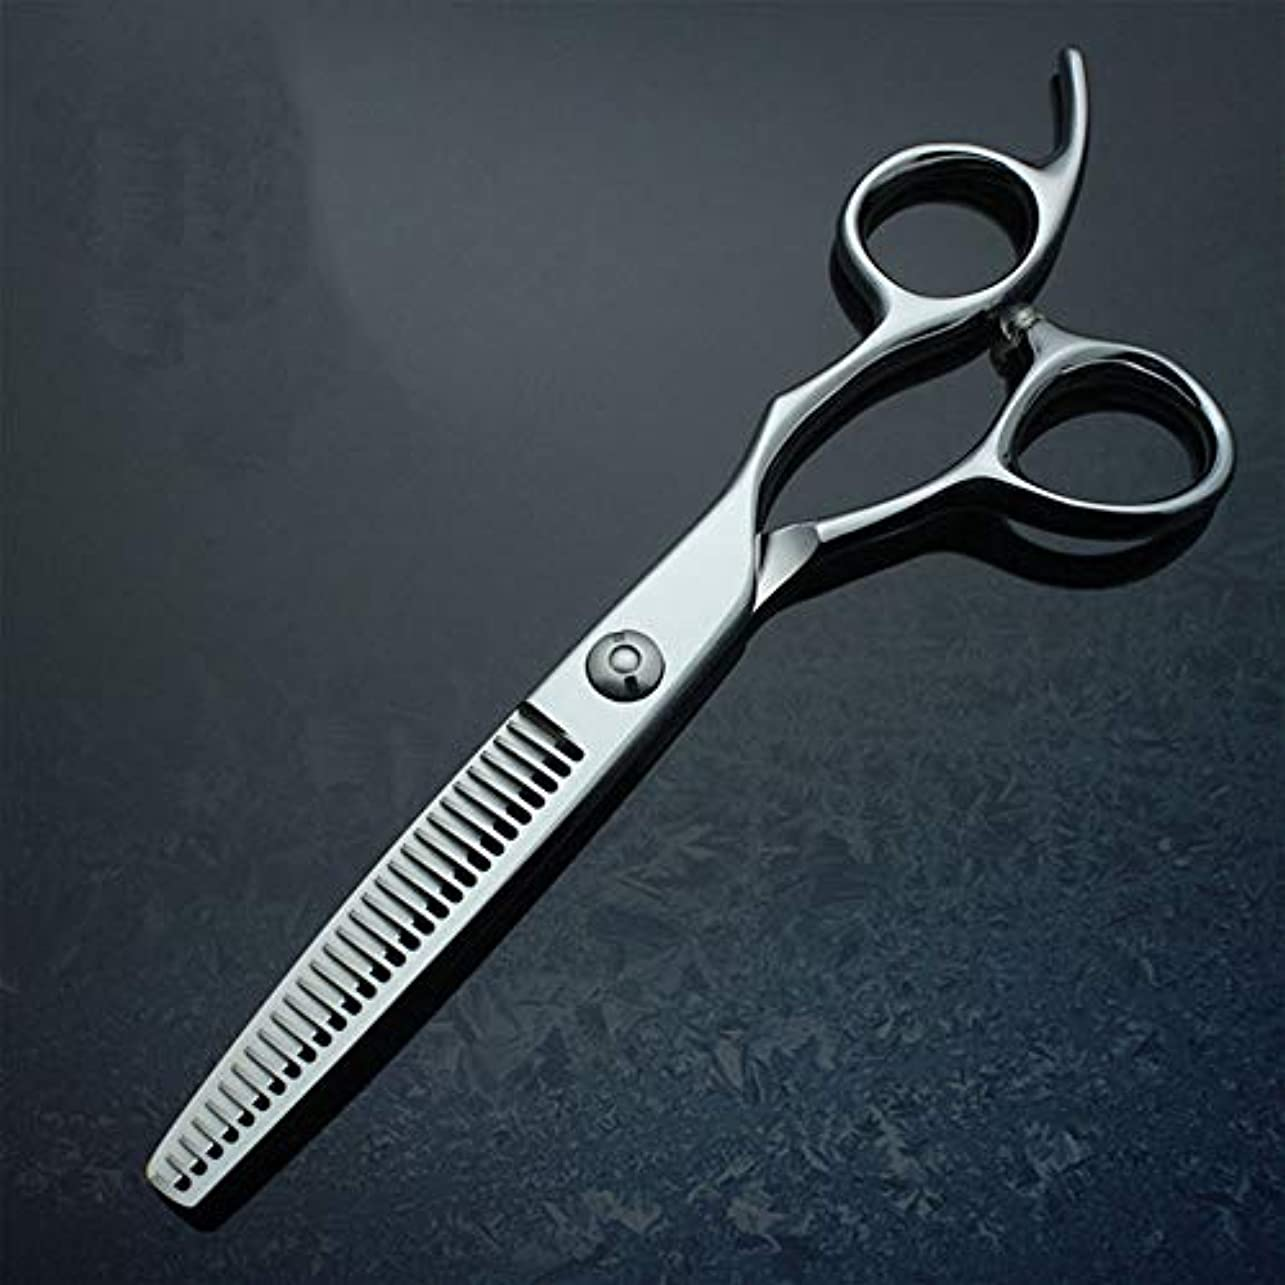 拒絶放棄する去る6インチパイプハンドルハイエンドプロフェッショナル理髪はさみ間伐歯はさみ ヘアケア (色 : Silver)